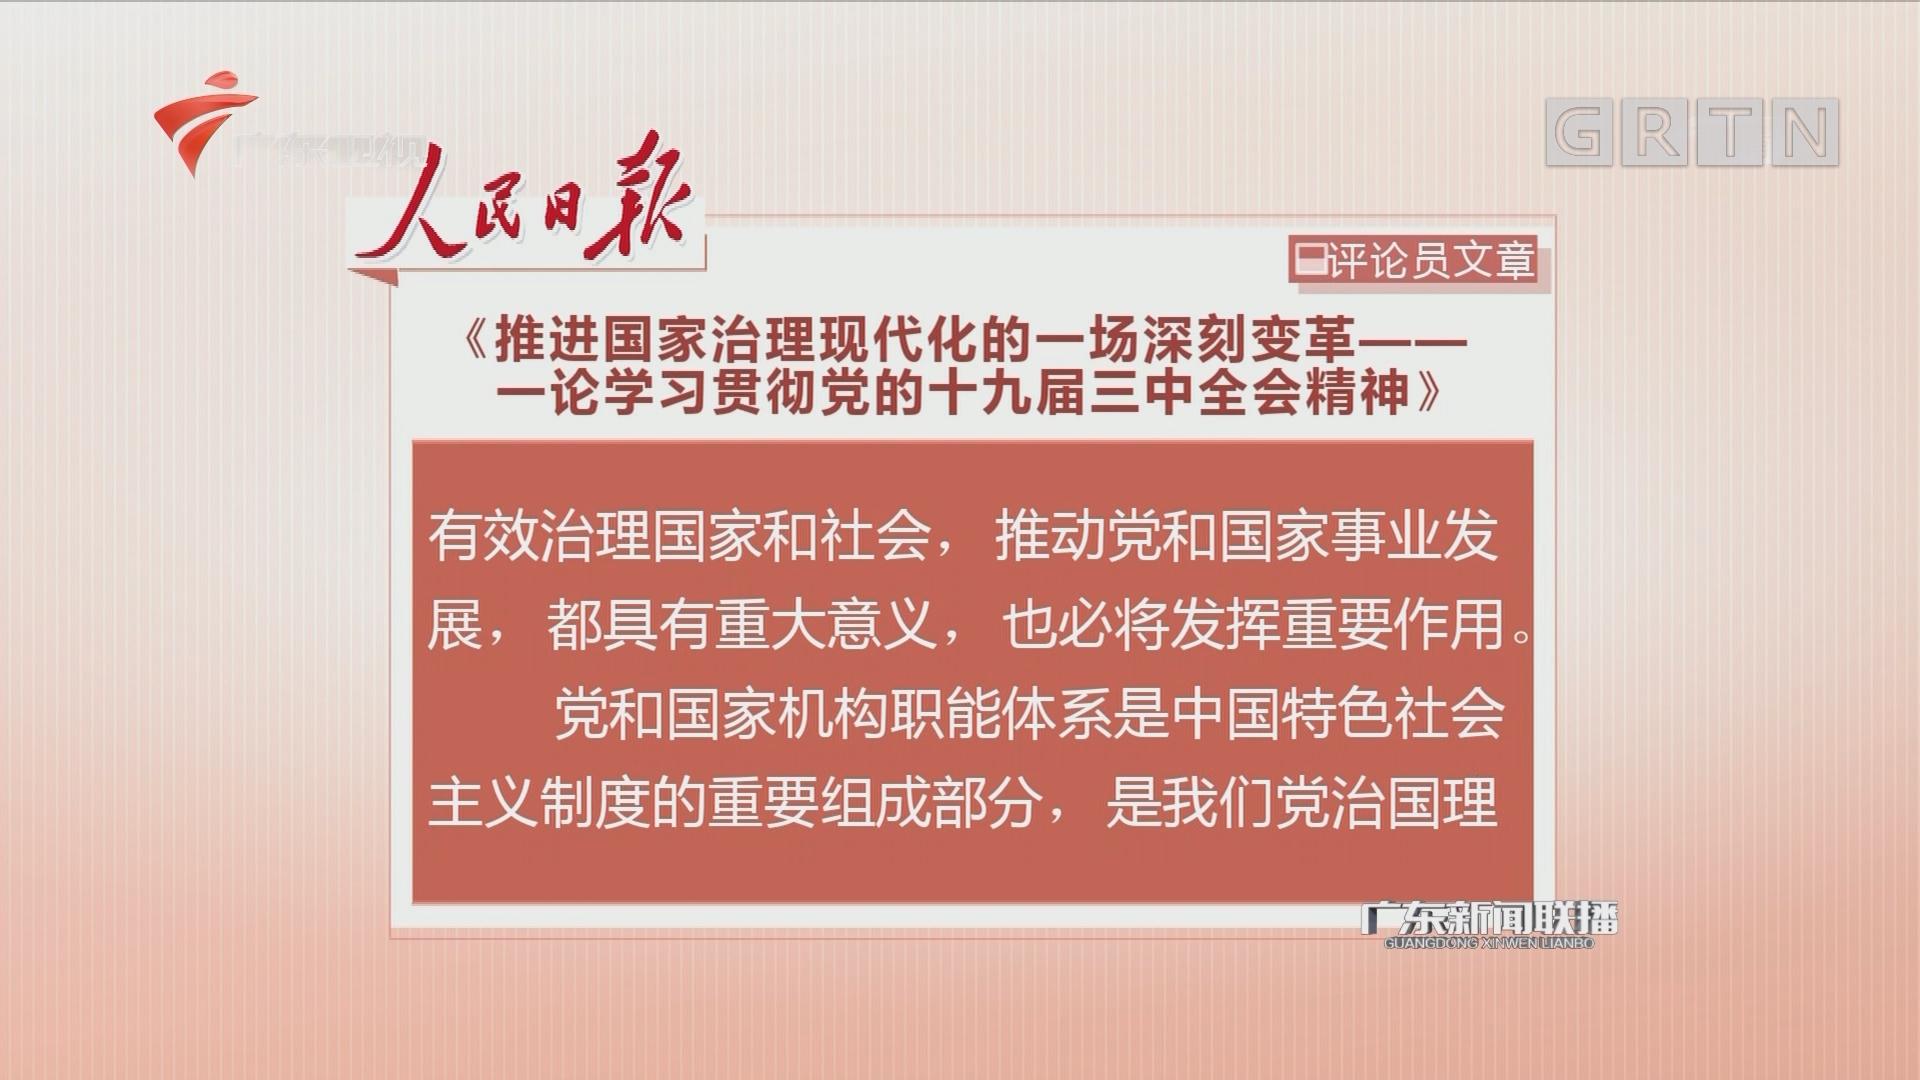 《人民日报》评论员:《推进国家治理现代化的一场深刻变革——论学习贯彻党的十九届三中全会精神》